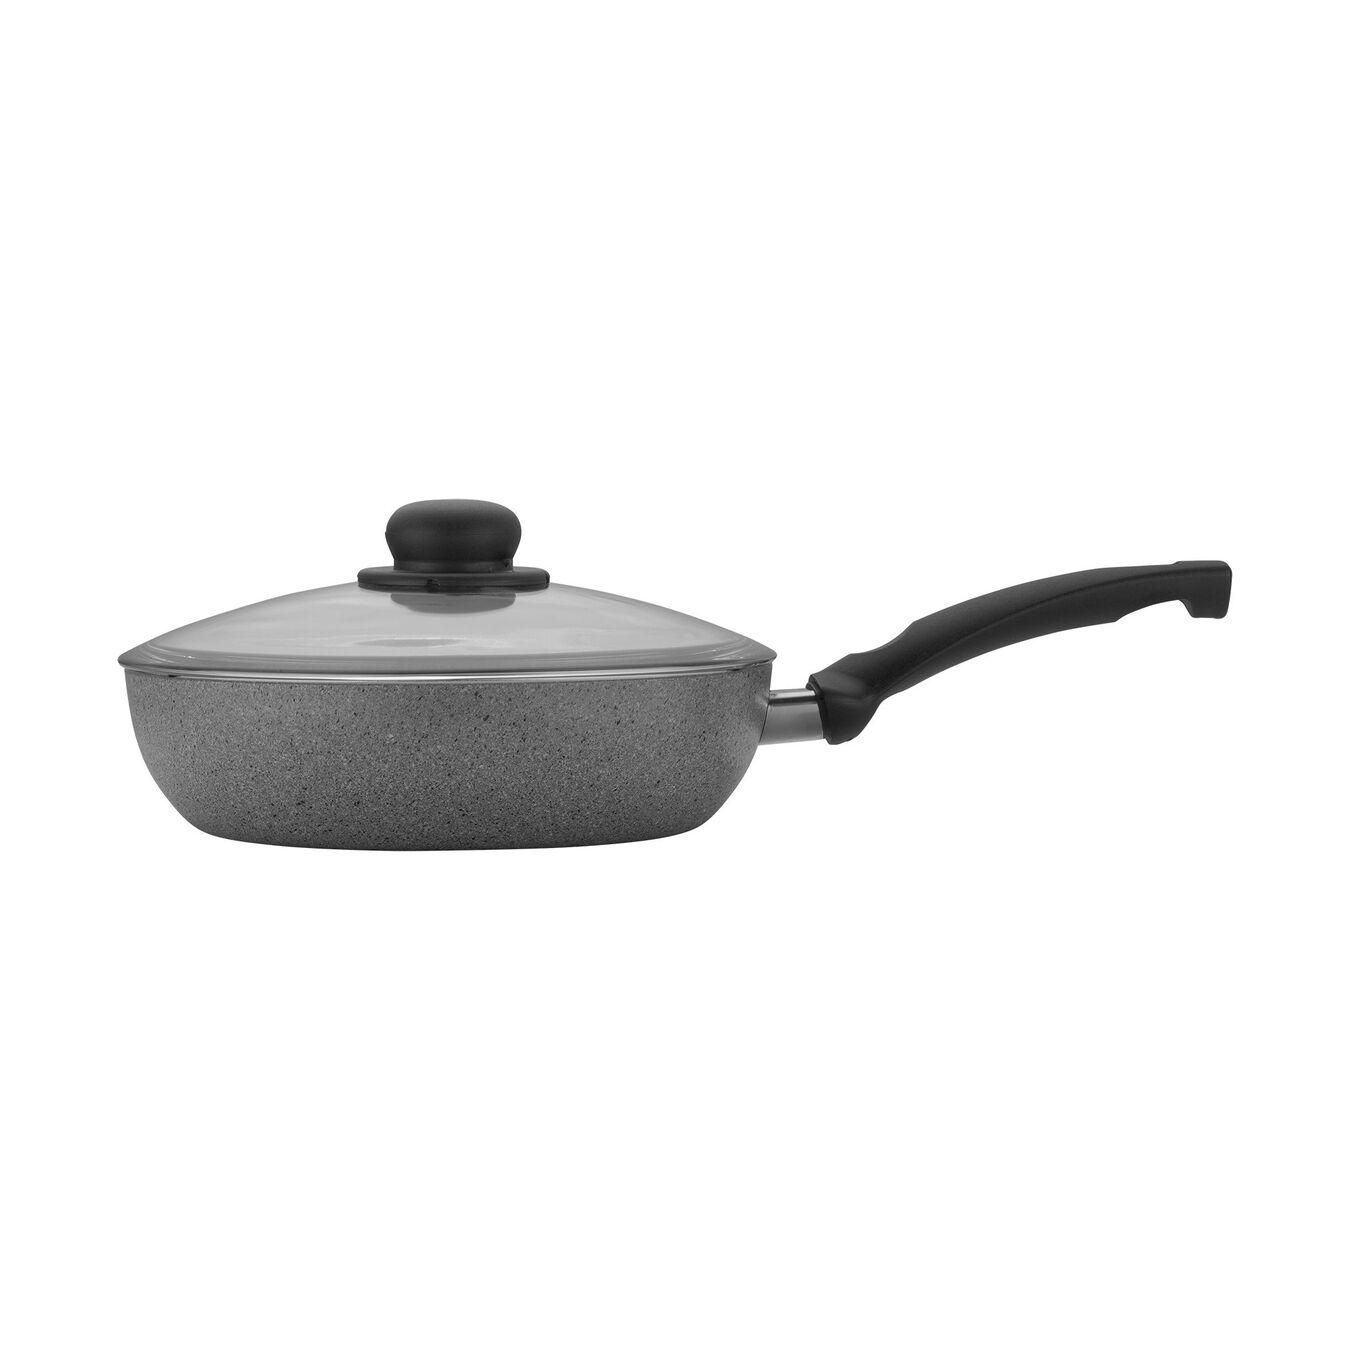 10 Piece Aluminium Cookware set,,large 6